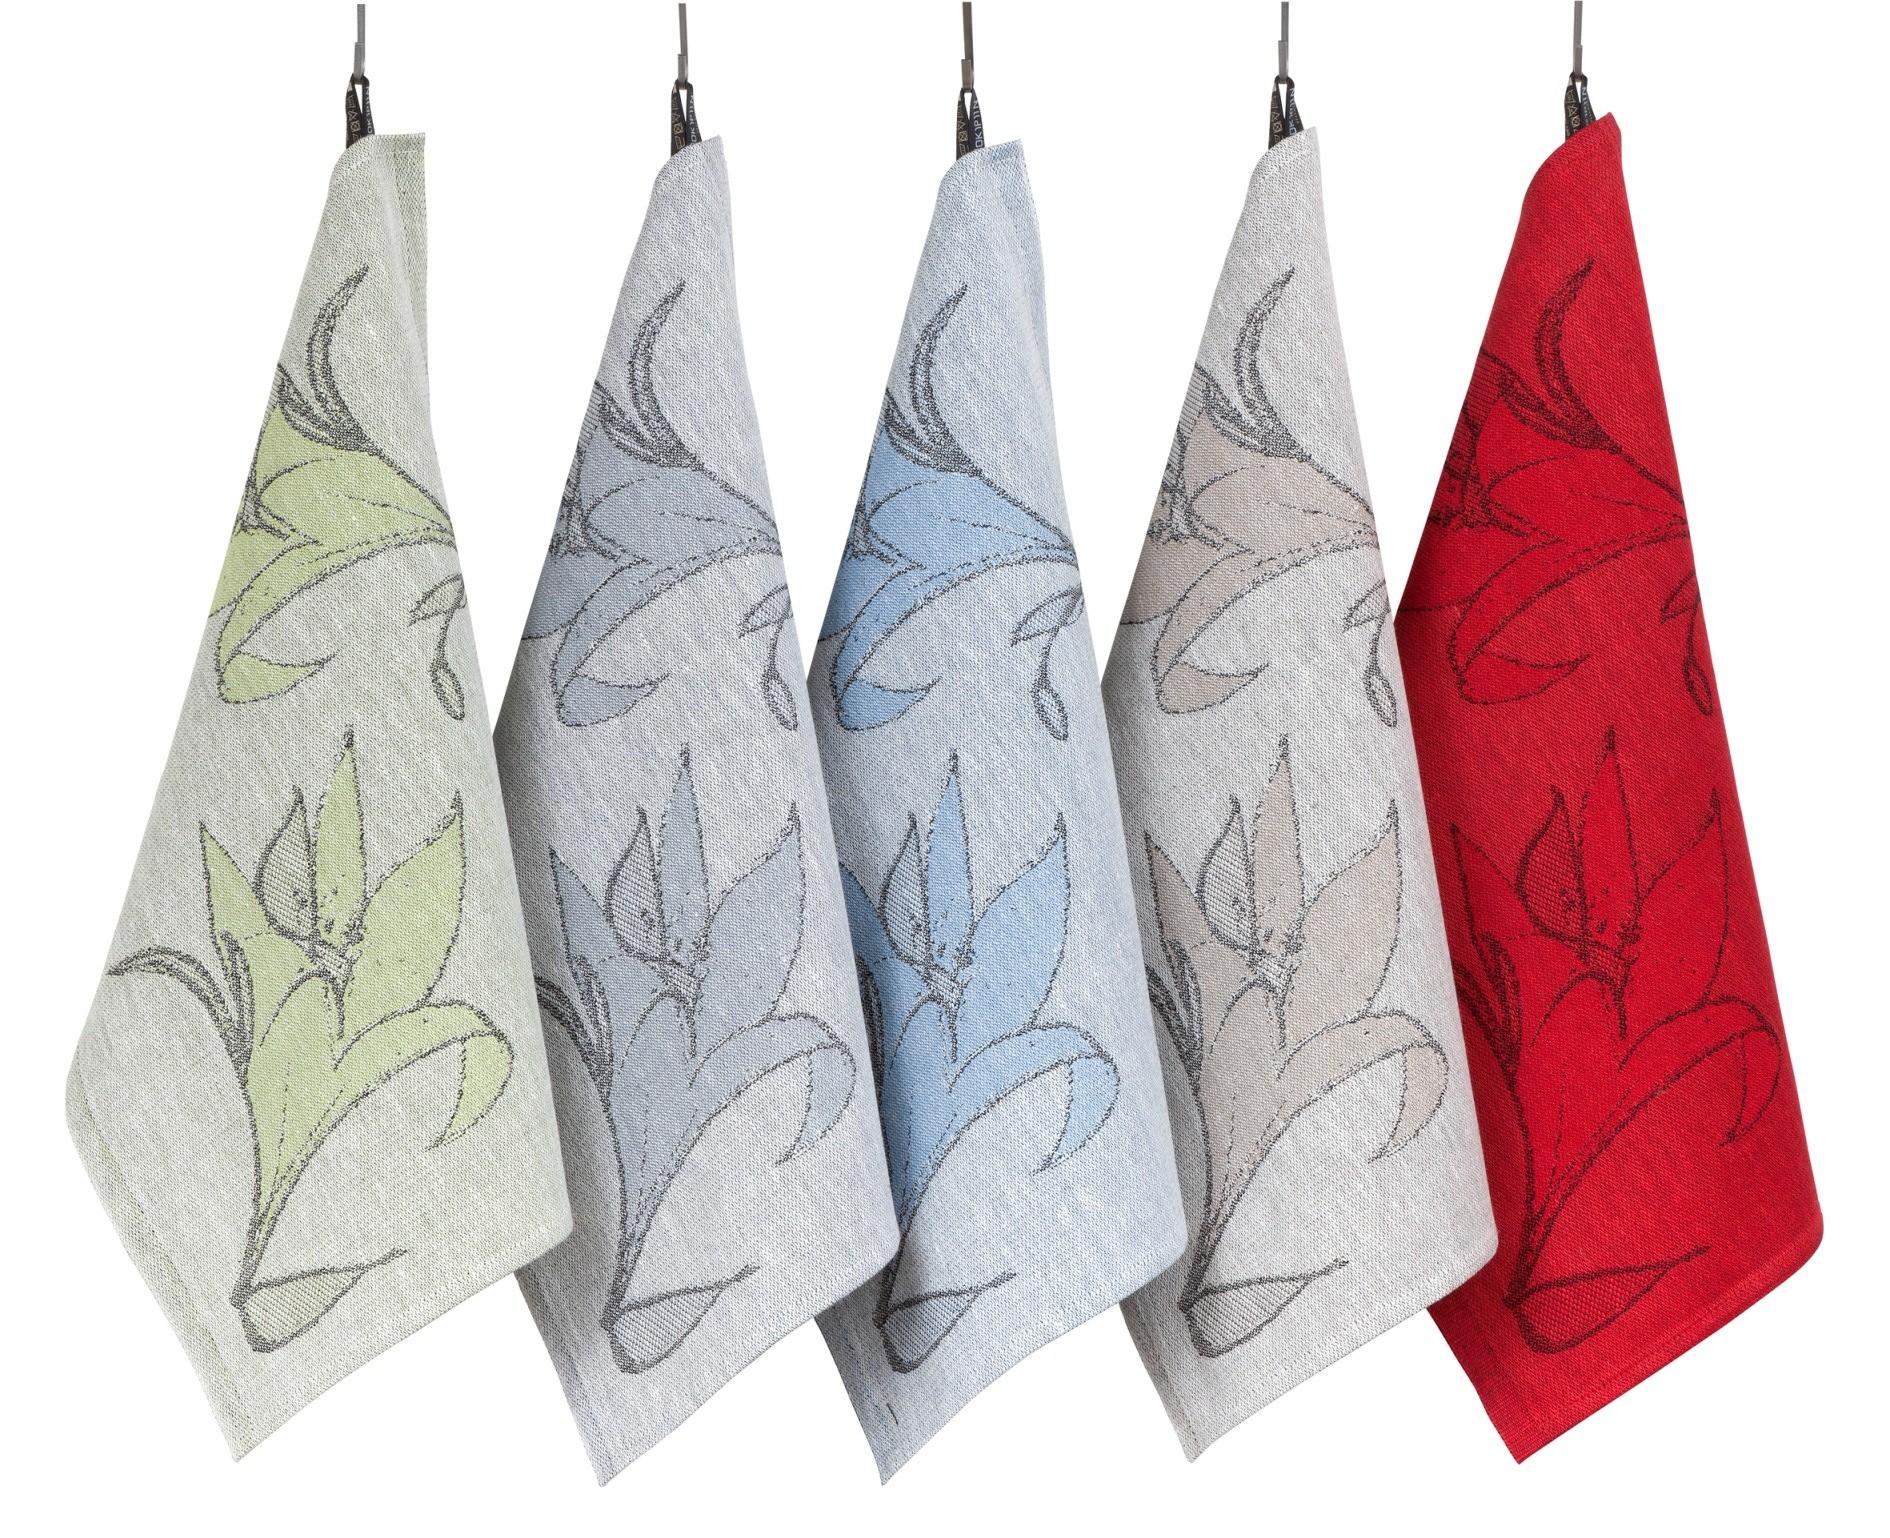 Кухонные льняные полотенца линии Jalo, дизайн Юкка Ринтала